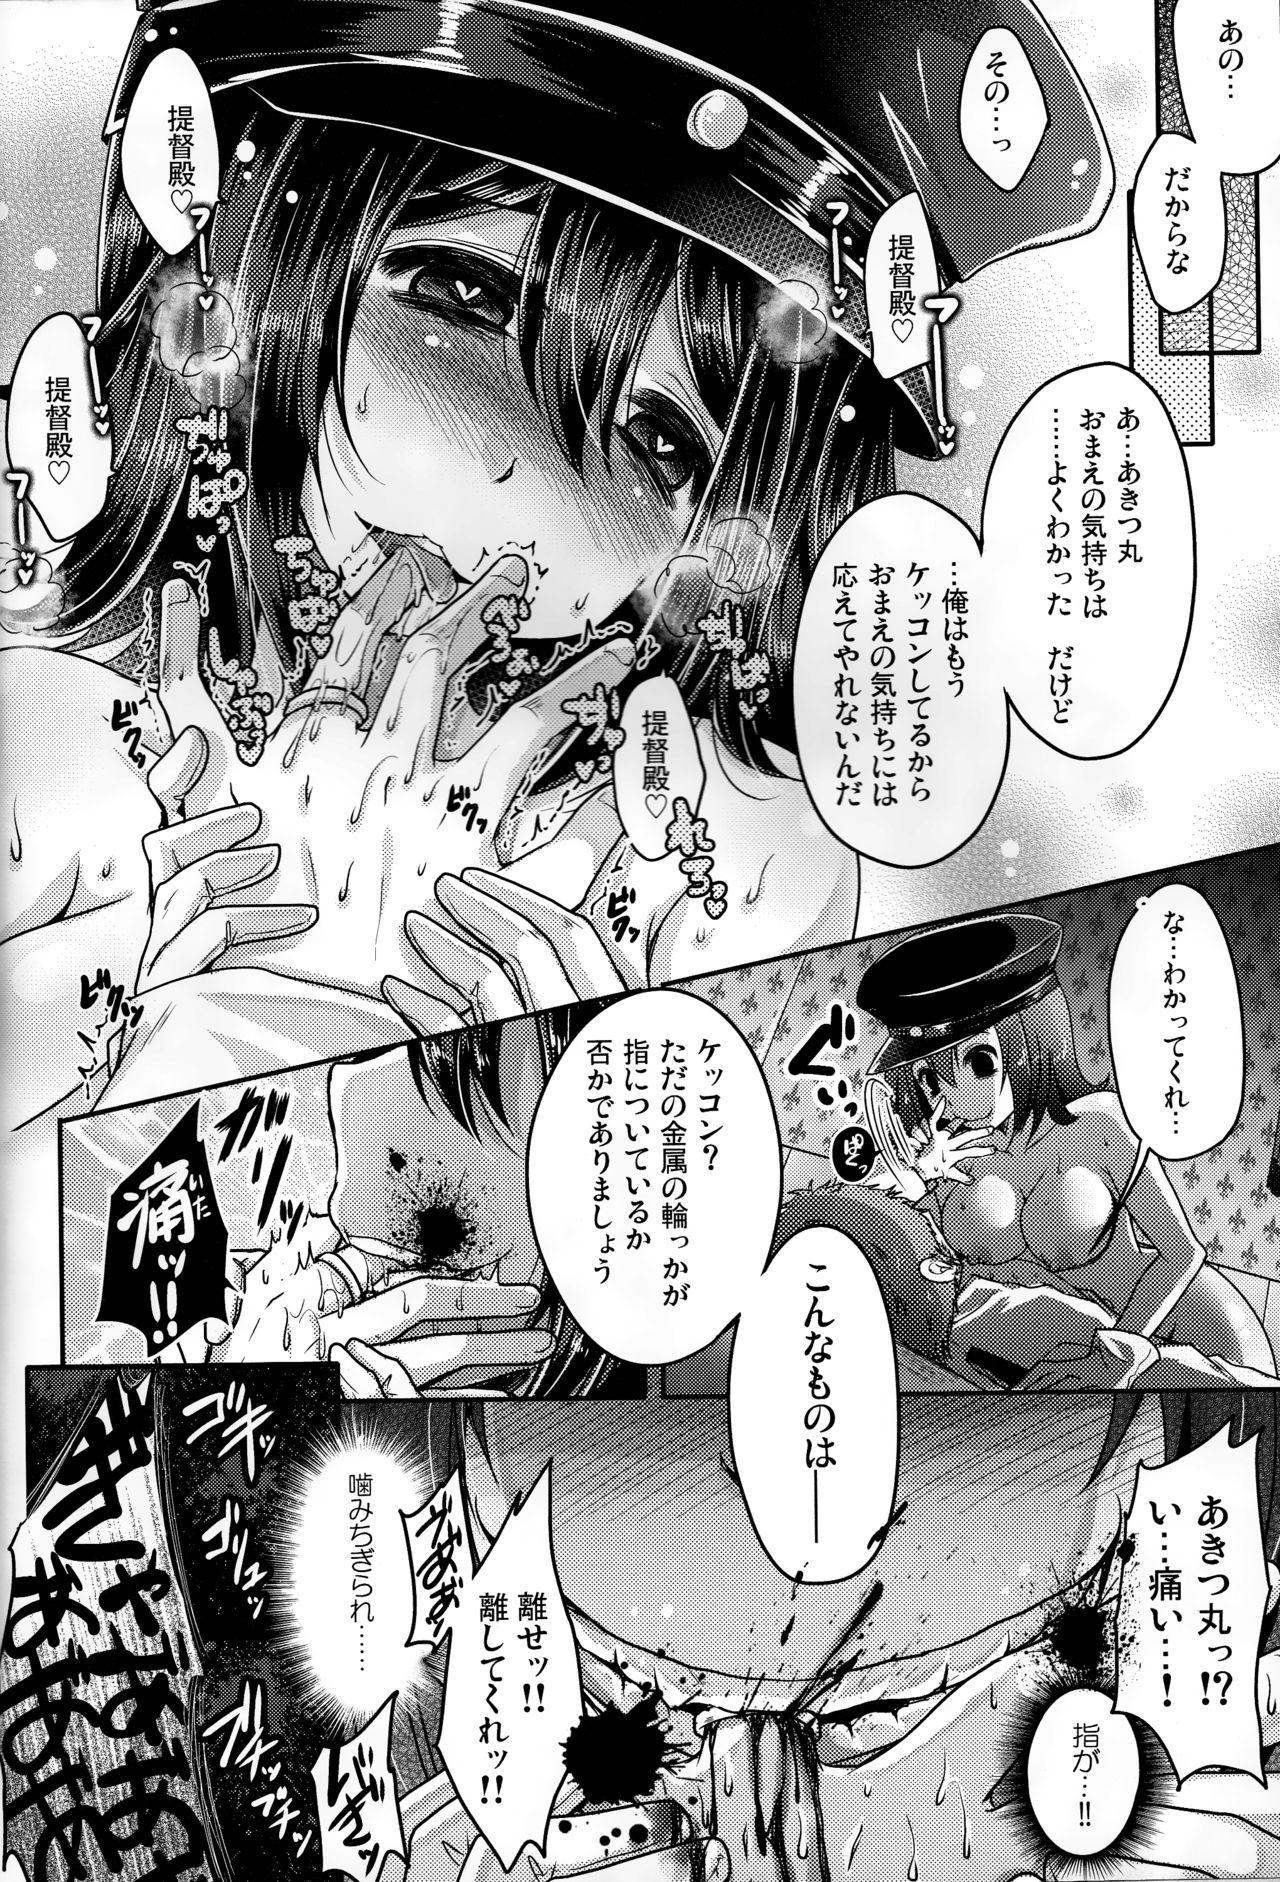 Kinzoku no wa 20